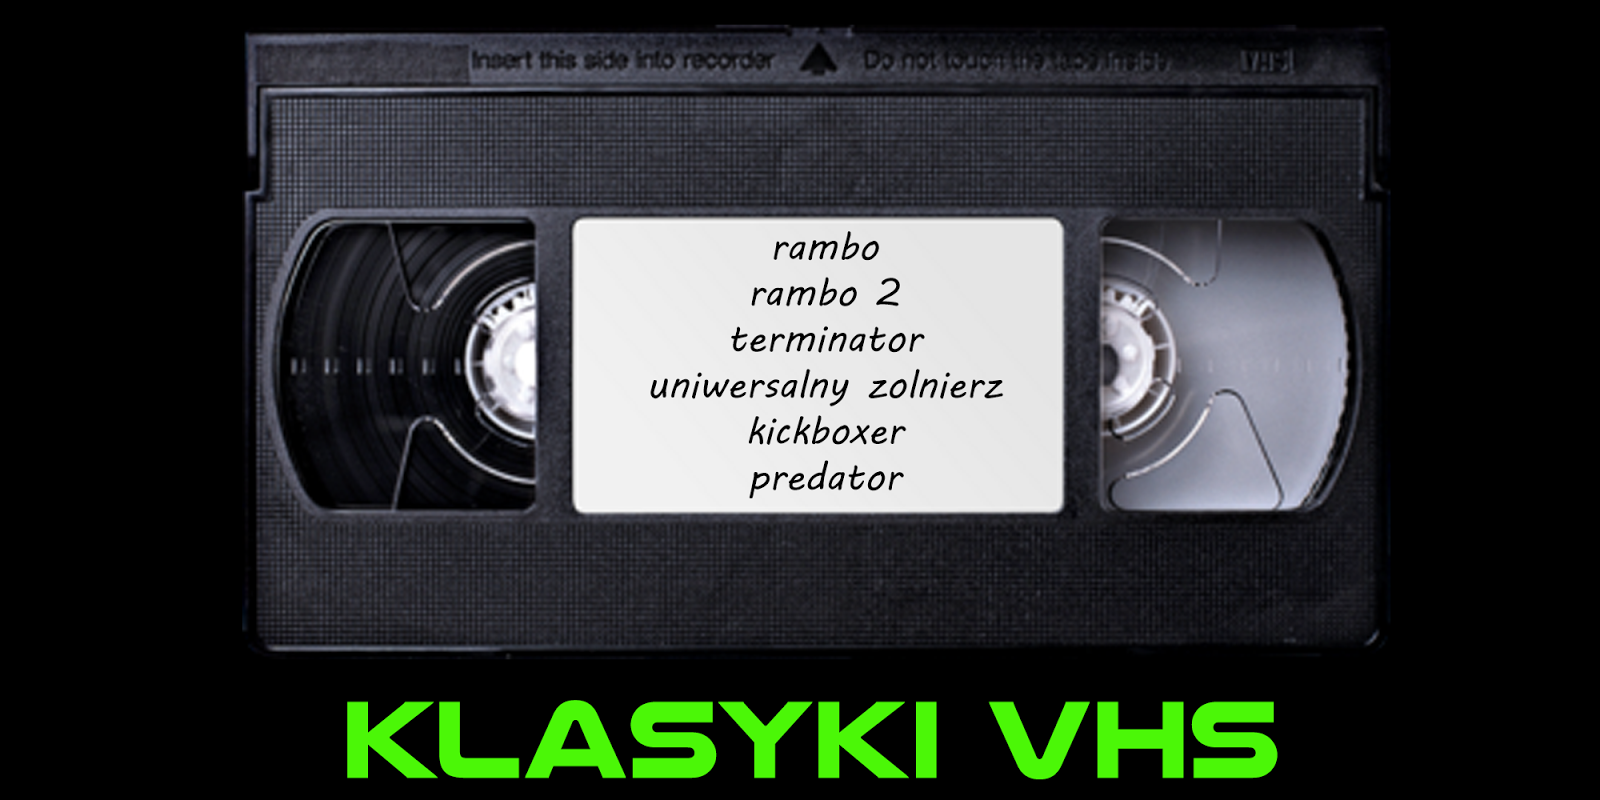 http://mechaniczna-kulturacja.blogspot.com/2014/12/klasyki-vhs.html